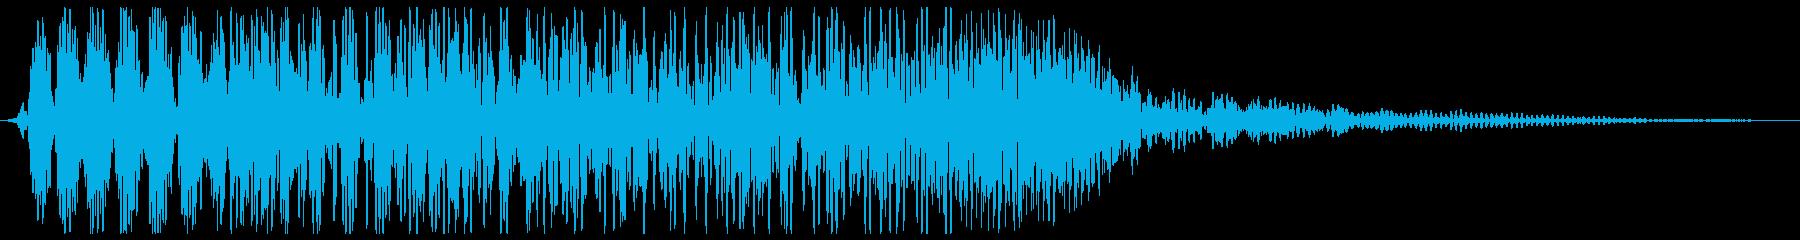 物が摩擦を帯びて落下する音の再生済みの波形